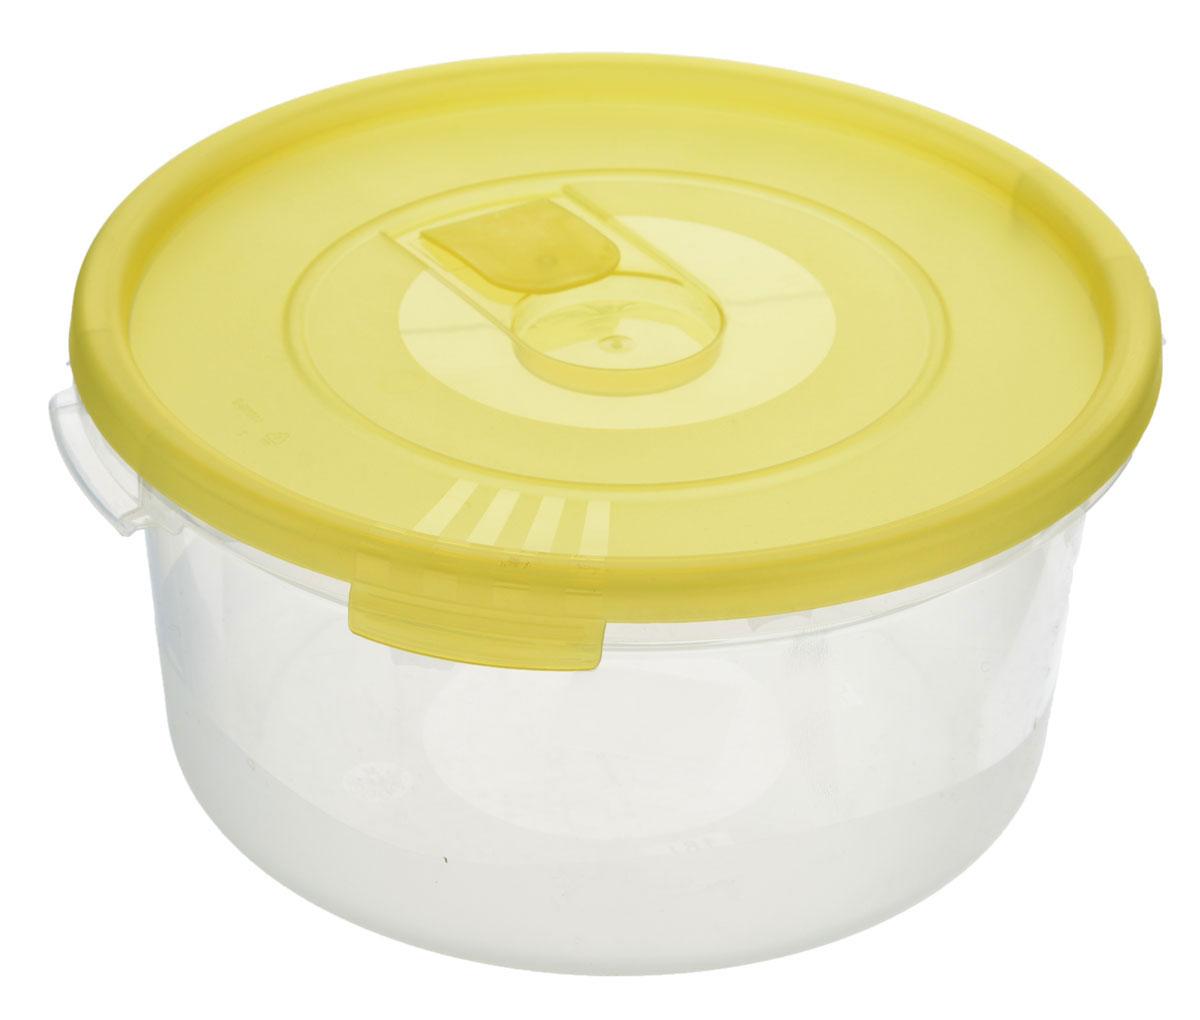 Контейнер Полимербыт Смайл, цвет: прозрачный, желтый, 1,6 лVT-1520(SR)Контейнер Полимербыт Смайл круглой формы, изготовленный из прочного пластика, предназначен специально для хранения пищевых продуктов. Контейнер оснащен герметичной крышкой со специальным клапаном, благодаря которому внутри создается вакуум, и продукты дольше сохраняют свежесть и аромат. Крышка легко открывается и плотно закрывается.Стенки контейнера прозрачные - хорошо видно, что внутри. Контейнер устойчив к воздействию масел и жиров, легко моется. Имеет возможность хранения продуктов глубокой заморозки, обладает высокой прочностью. Можно мыть в посудомоечной машине. Подходит для использования в микроволновых печах. Диаметр: 20 см. Высота (без крышки): 9 см.